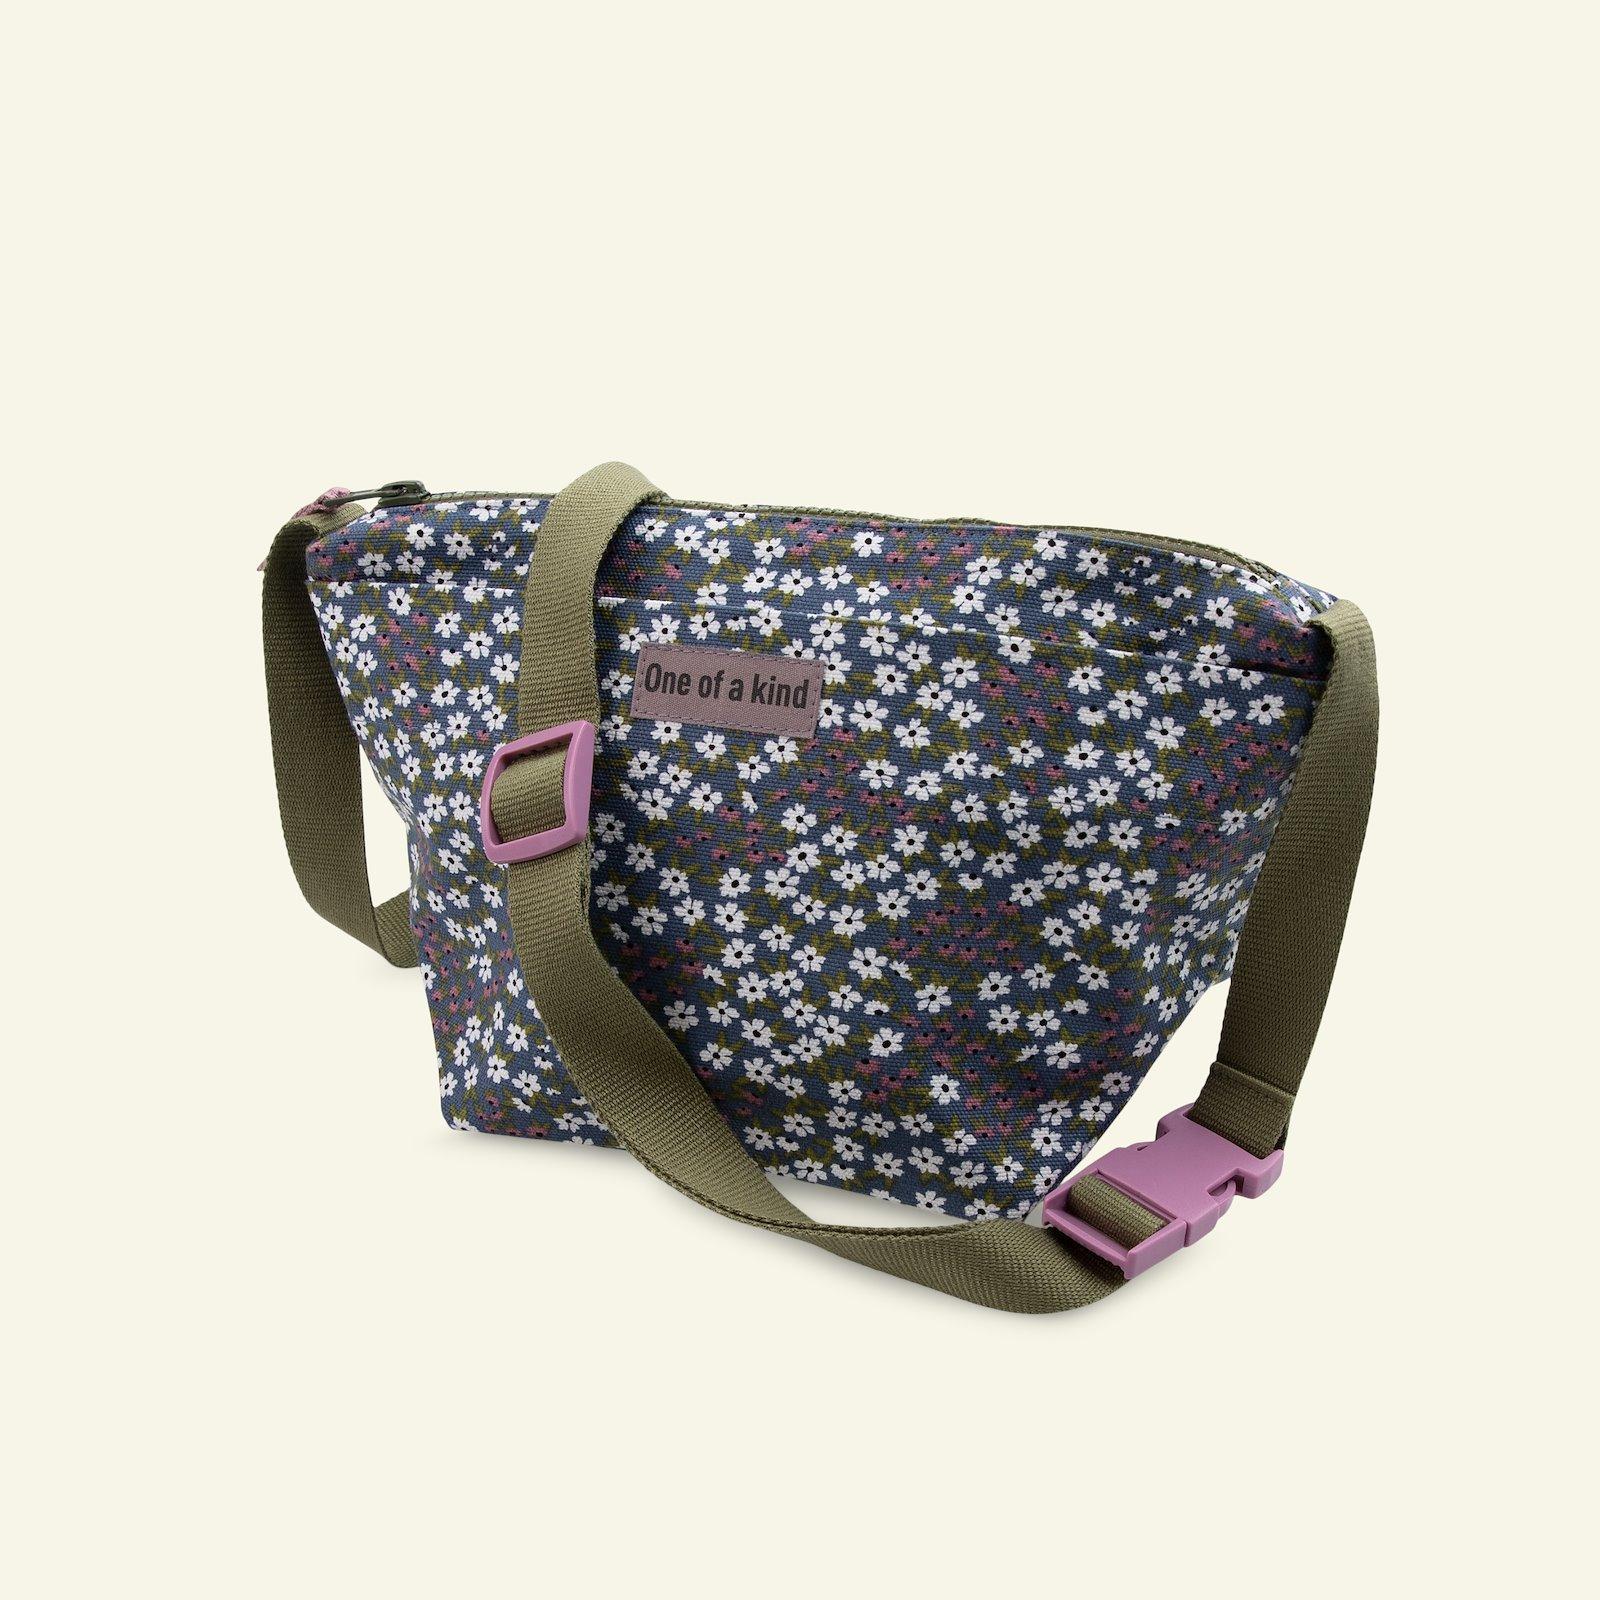 Belt buckle 25mm dusty violet 1pc p90349_780539_22299_45201_45205_24874_sskit